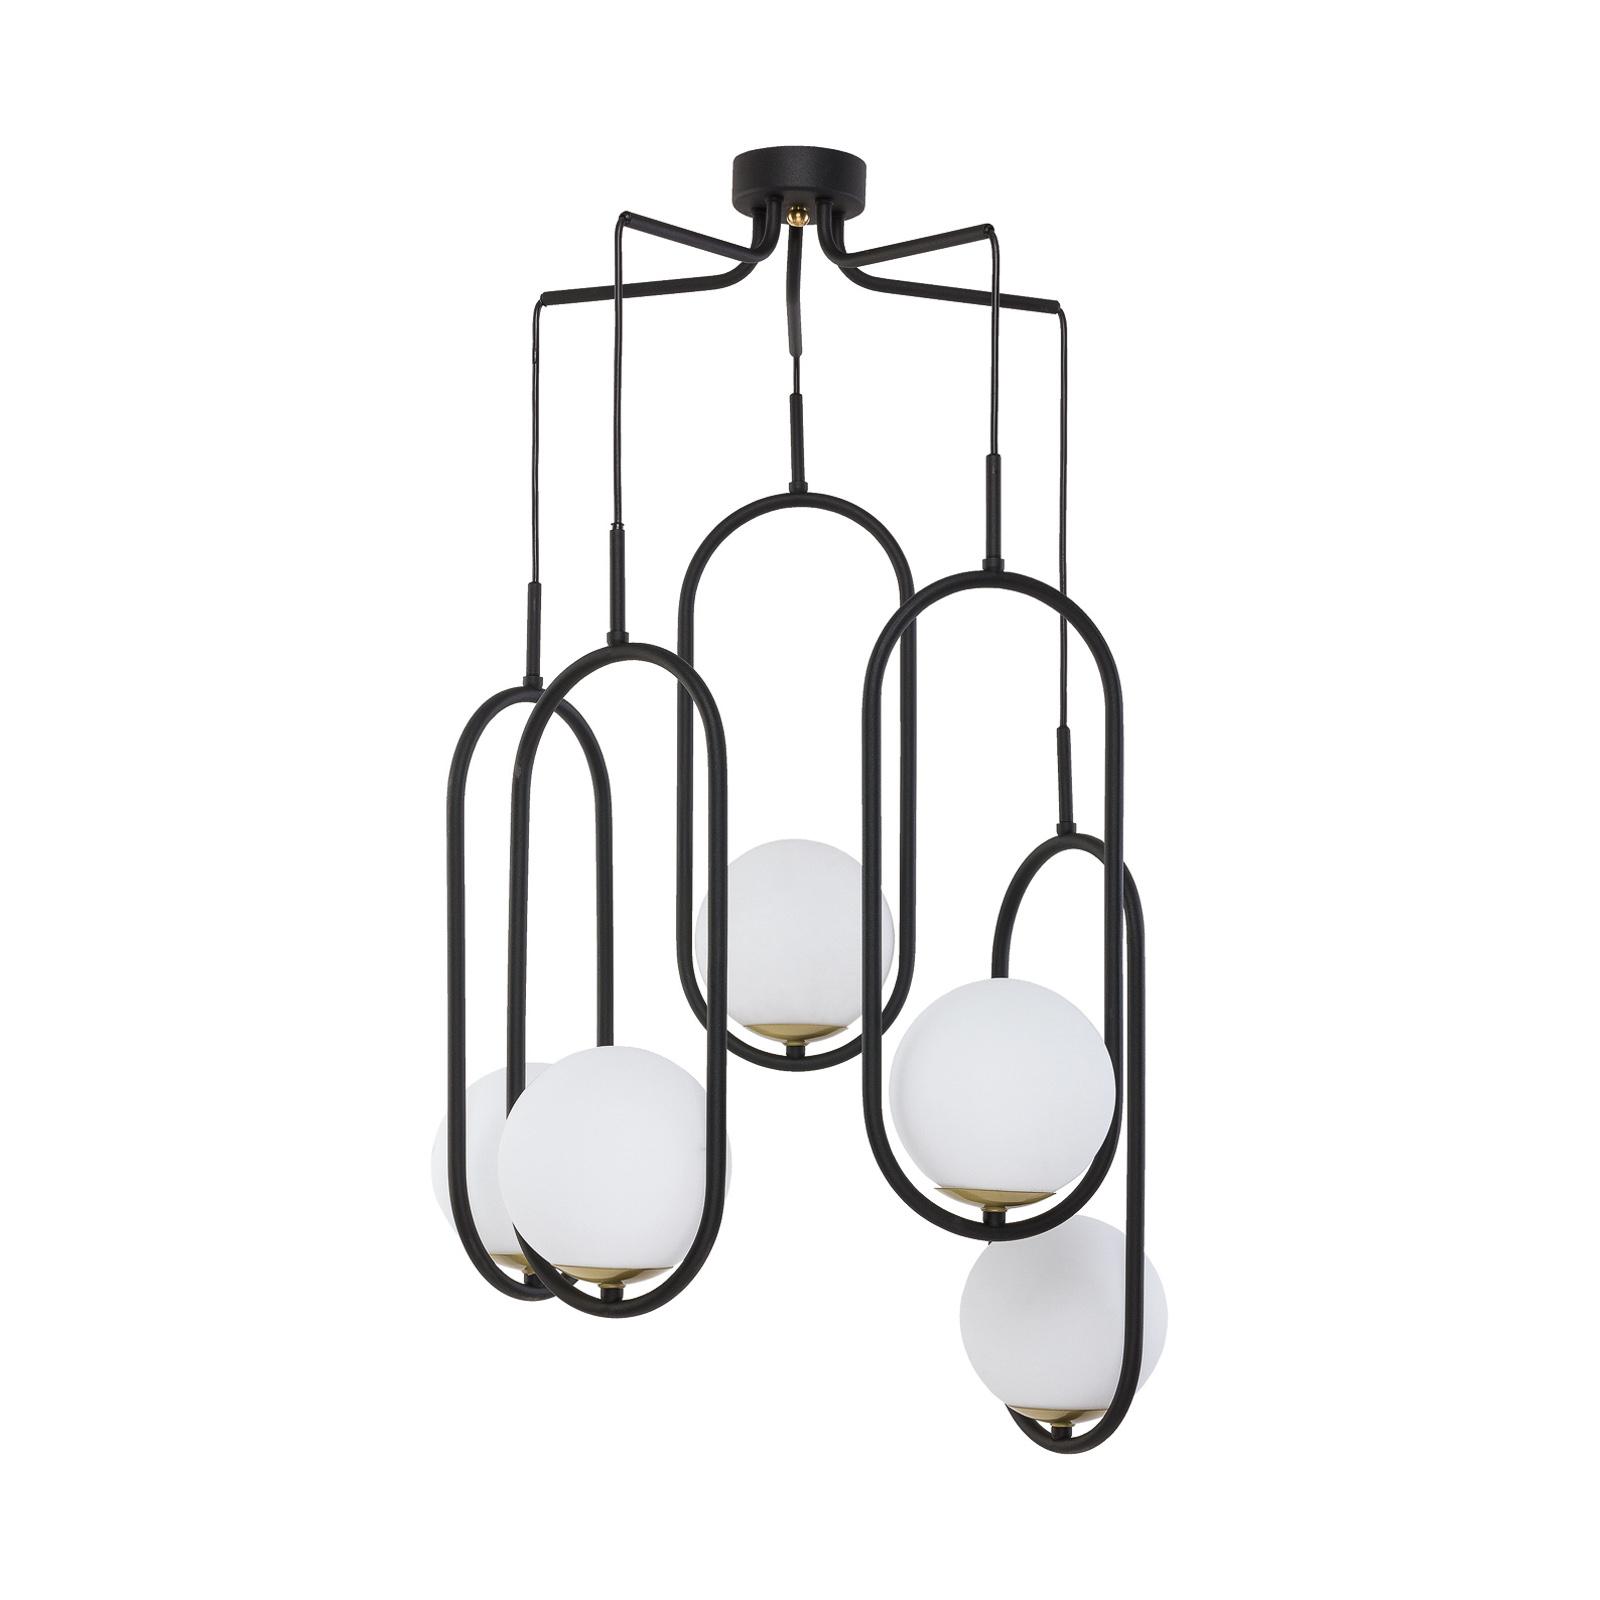 Lampada sospensione Samba, vetro opale/nero 5 luci